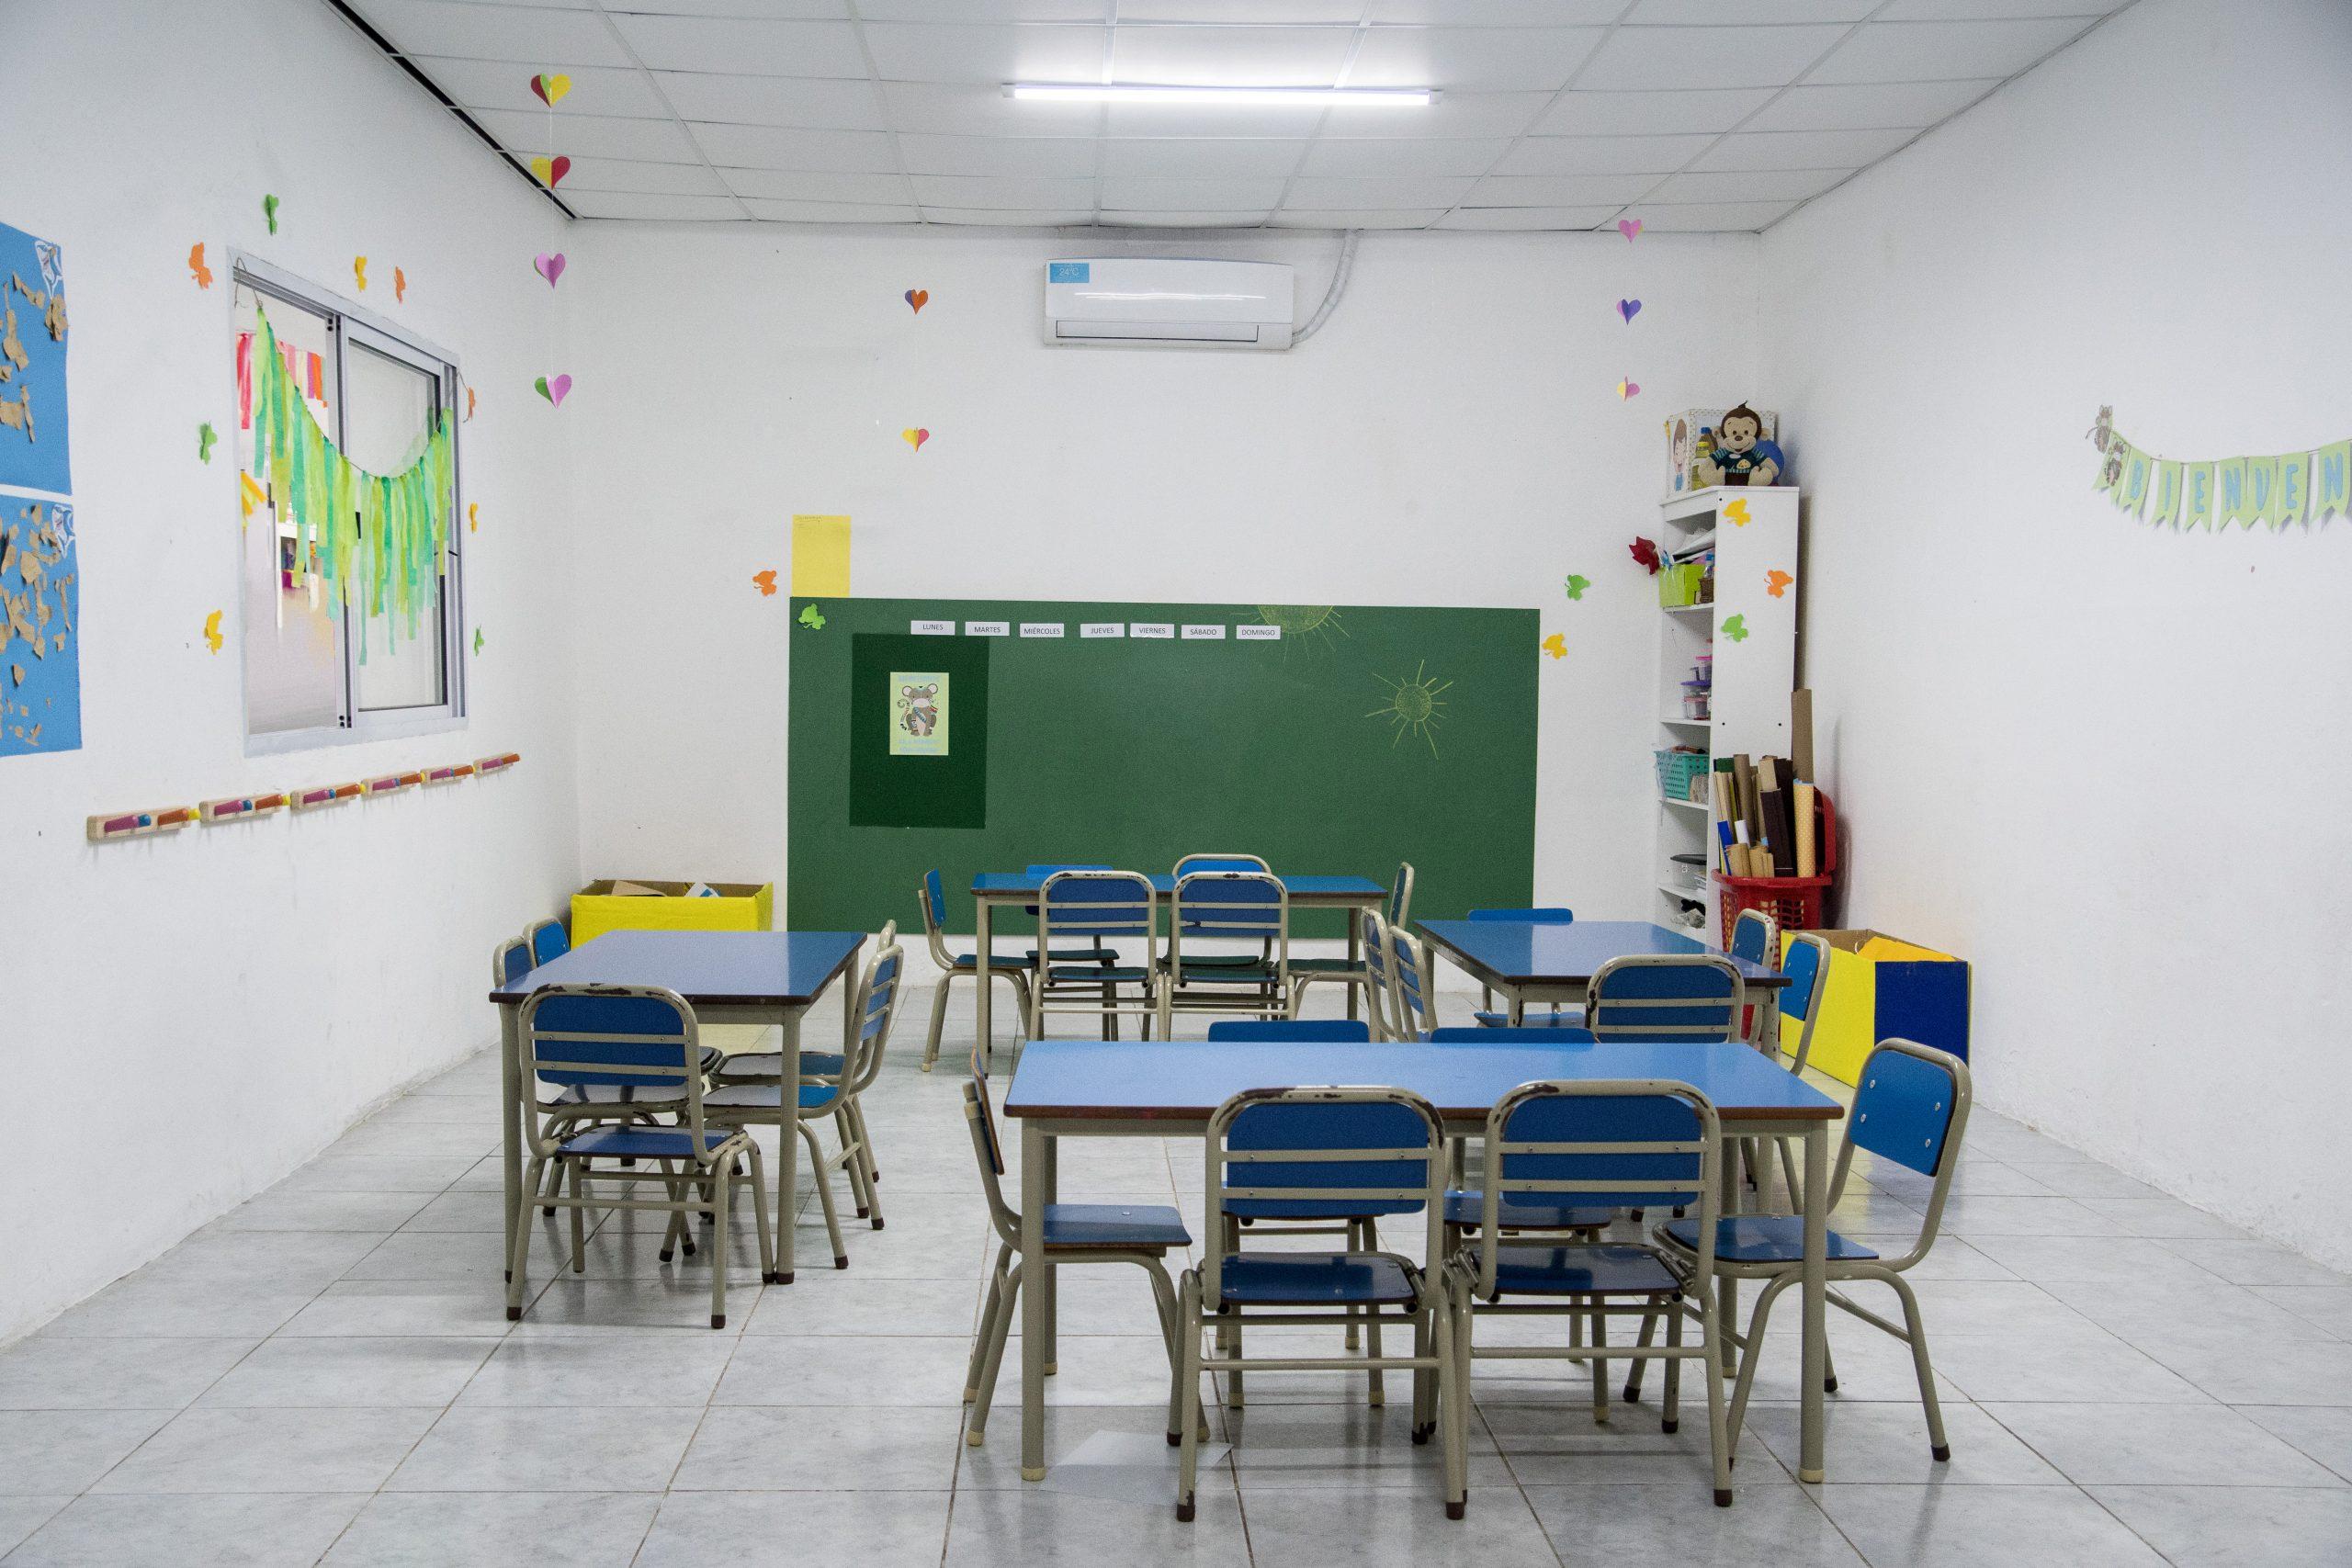 Ritchie Kindergarten Sede Mitre (14)